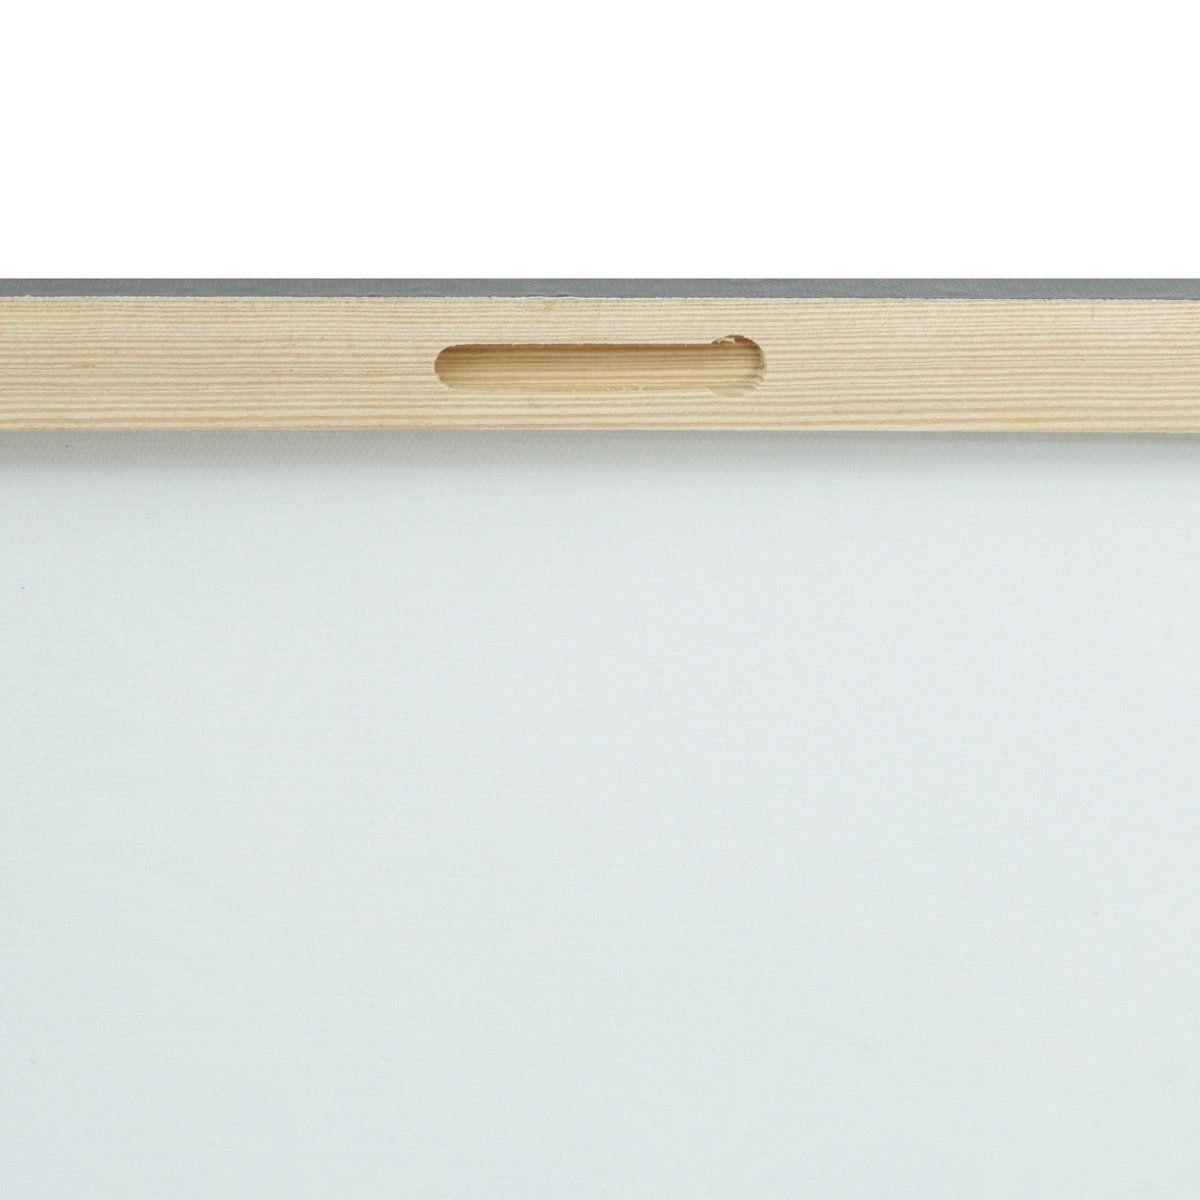 Quadro Decorativo Preto Dill 40cm x 30cm - 40970